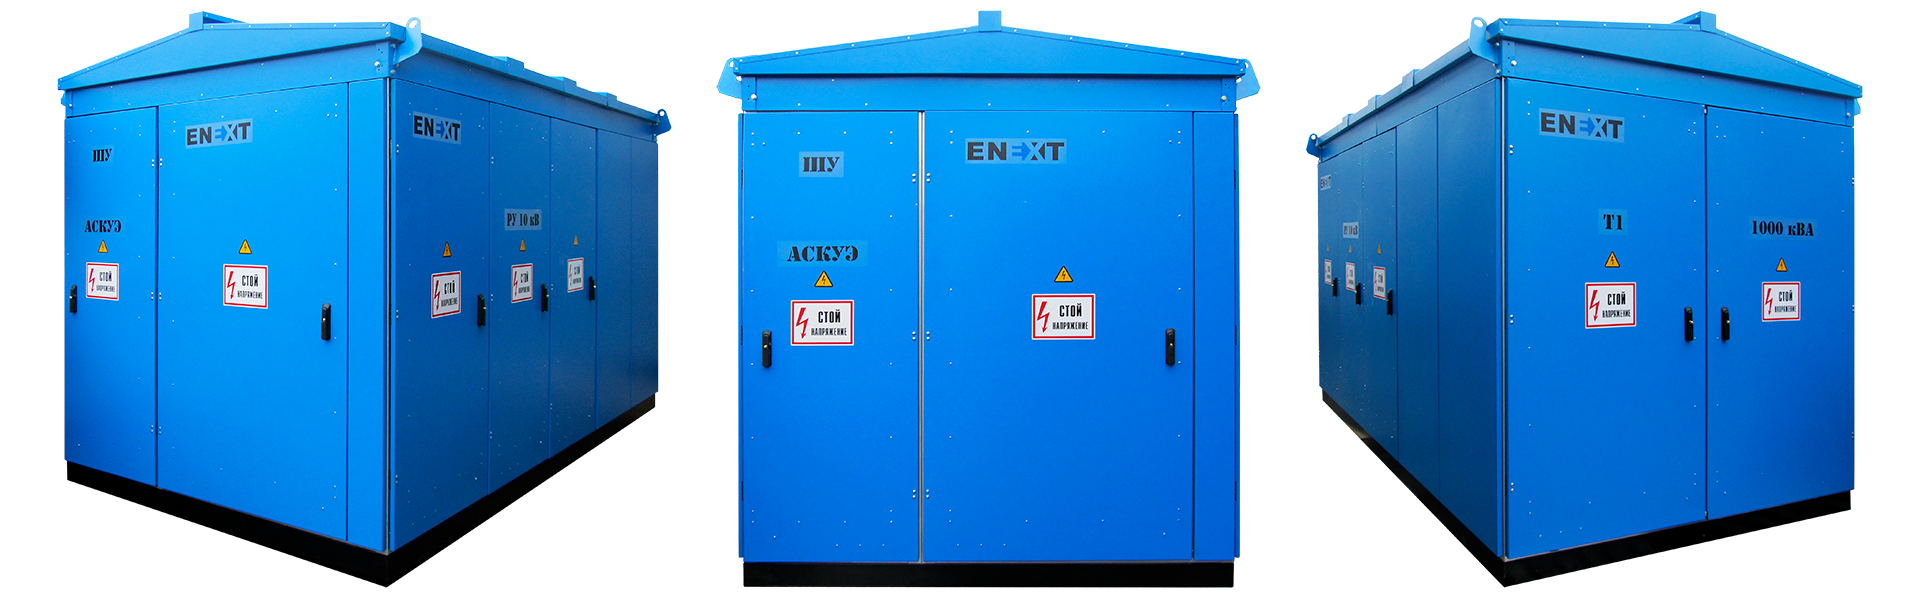 Комплектные трансформаторные подстанции КТП-En